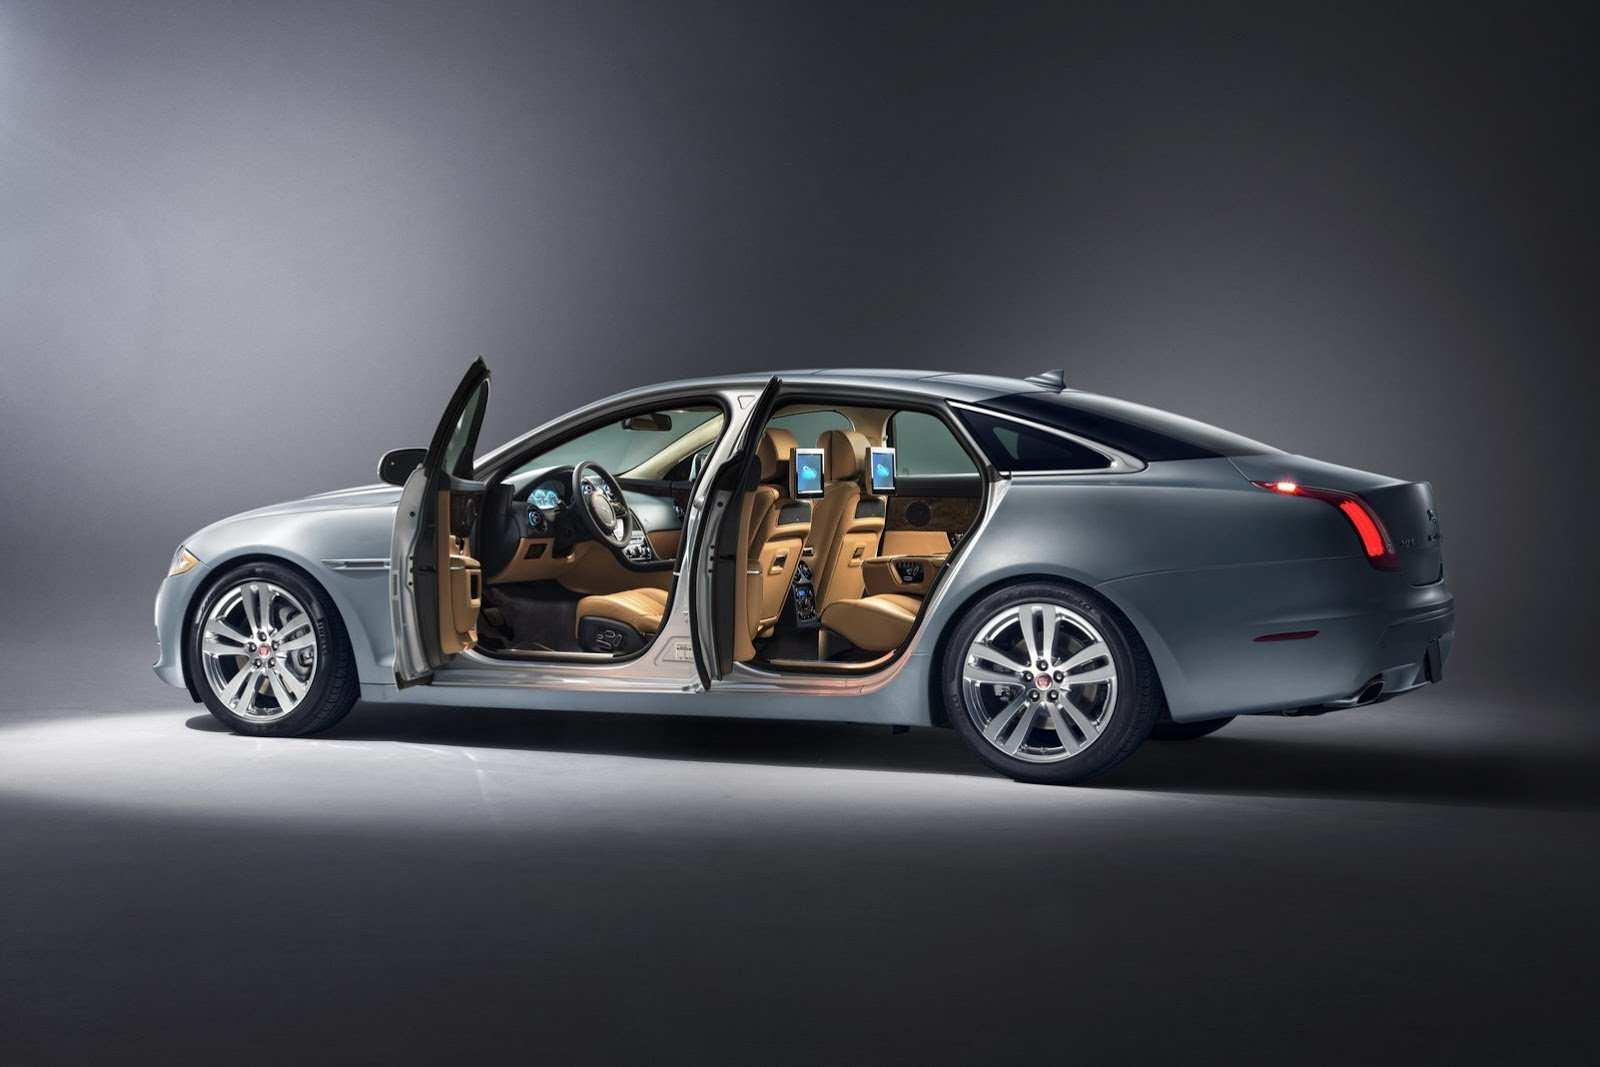 72 New 2019 Jaguar Xj Concept Images by 2019 Jaguar Xj Concept